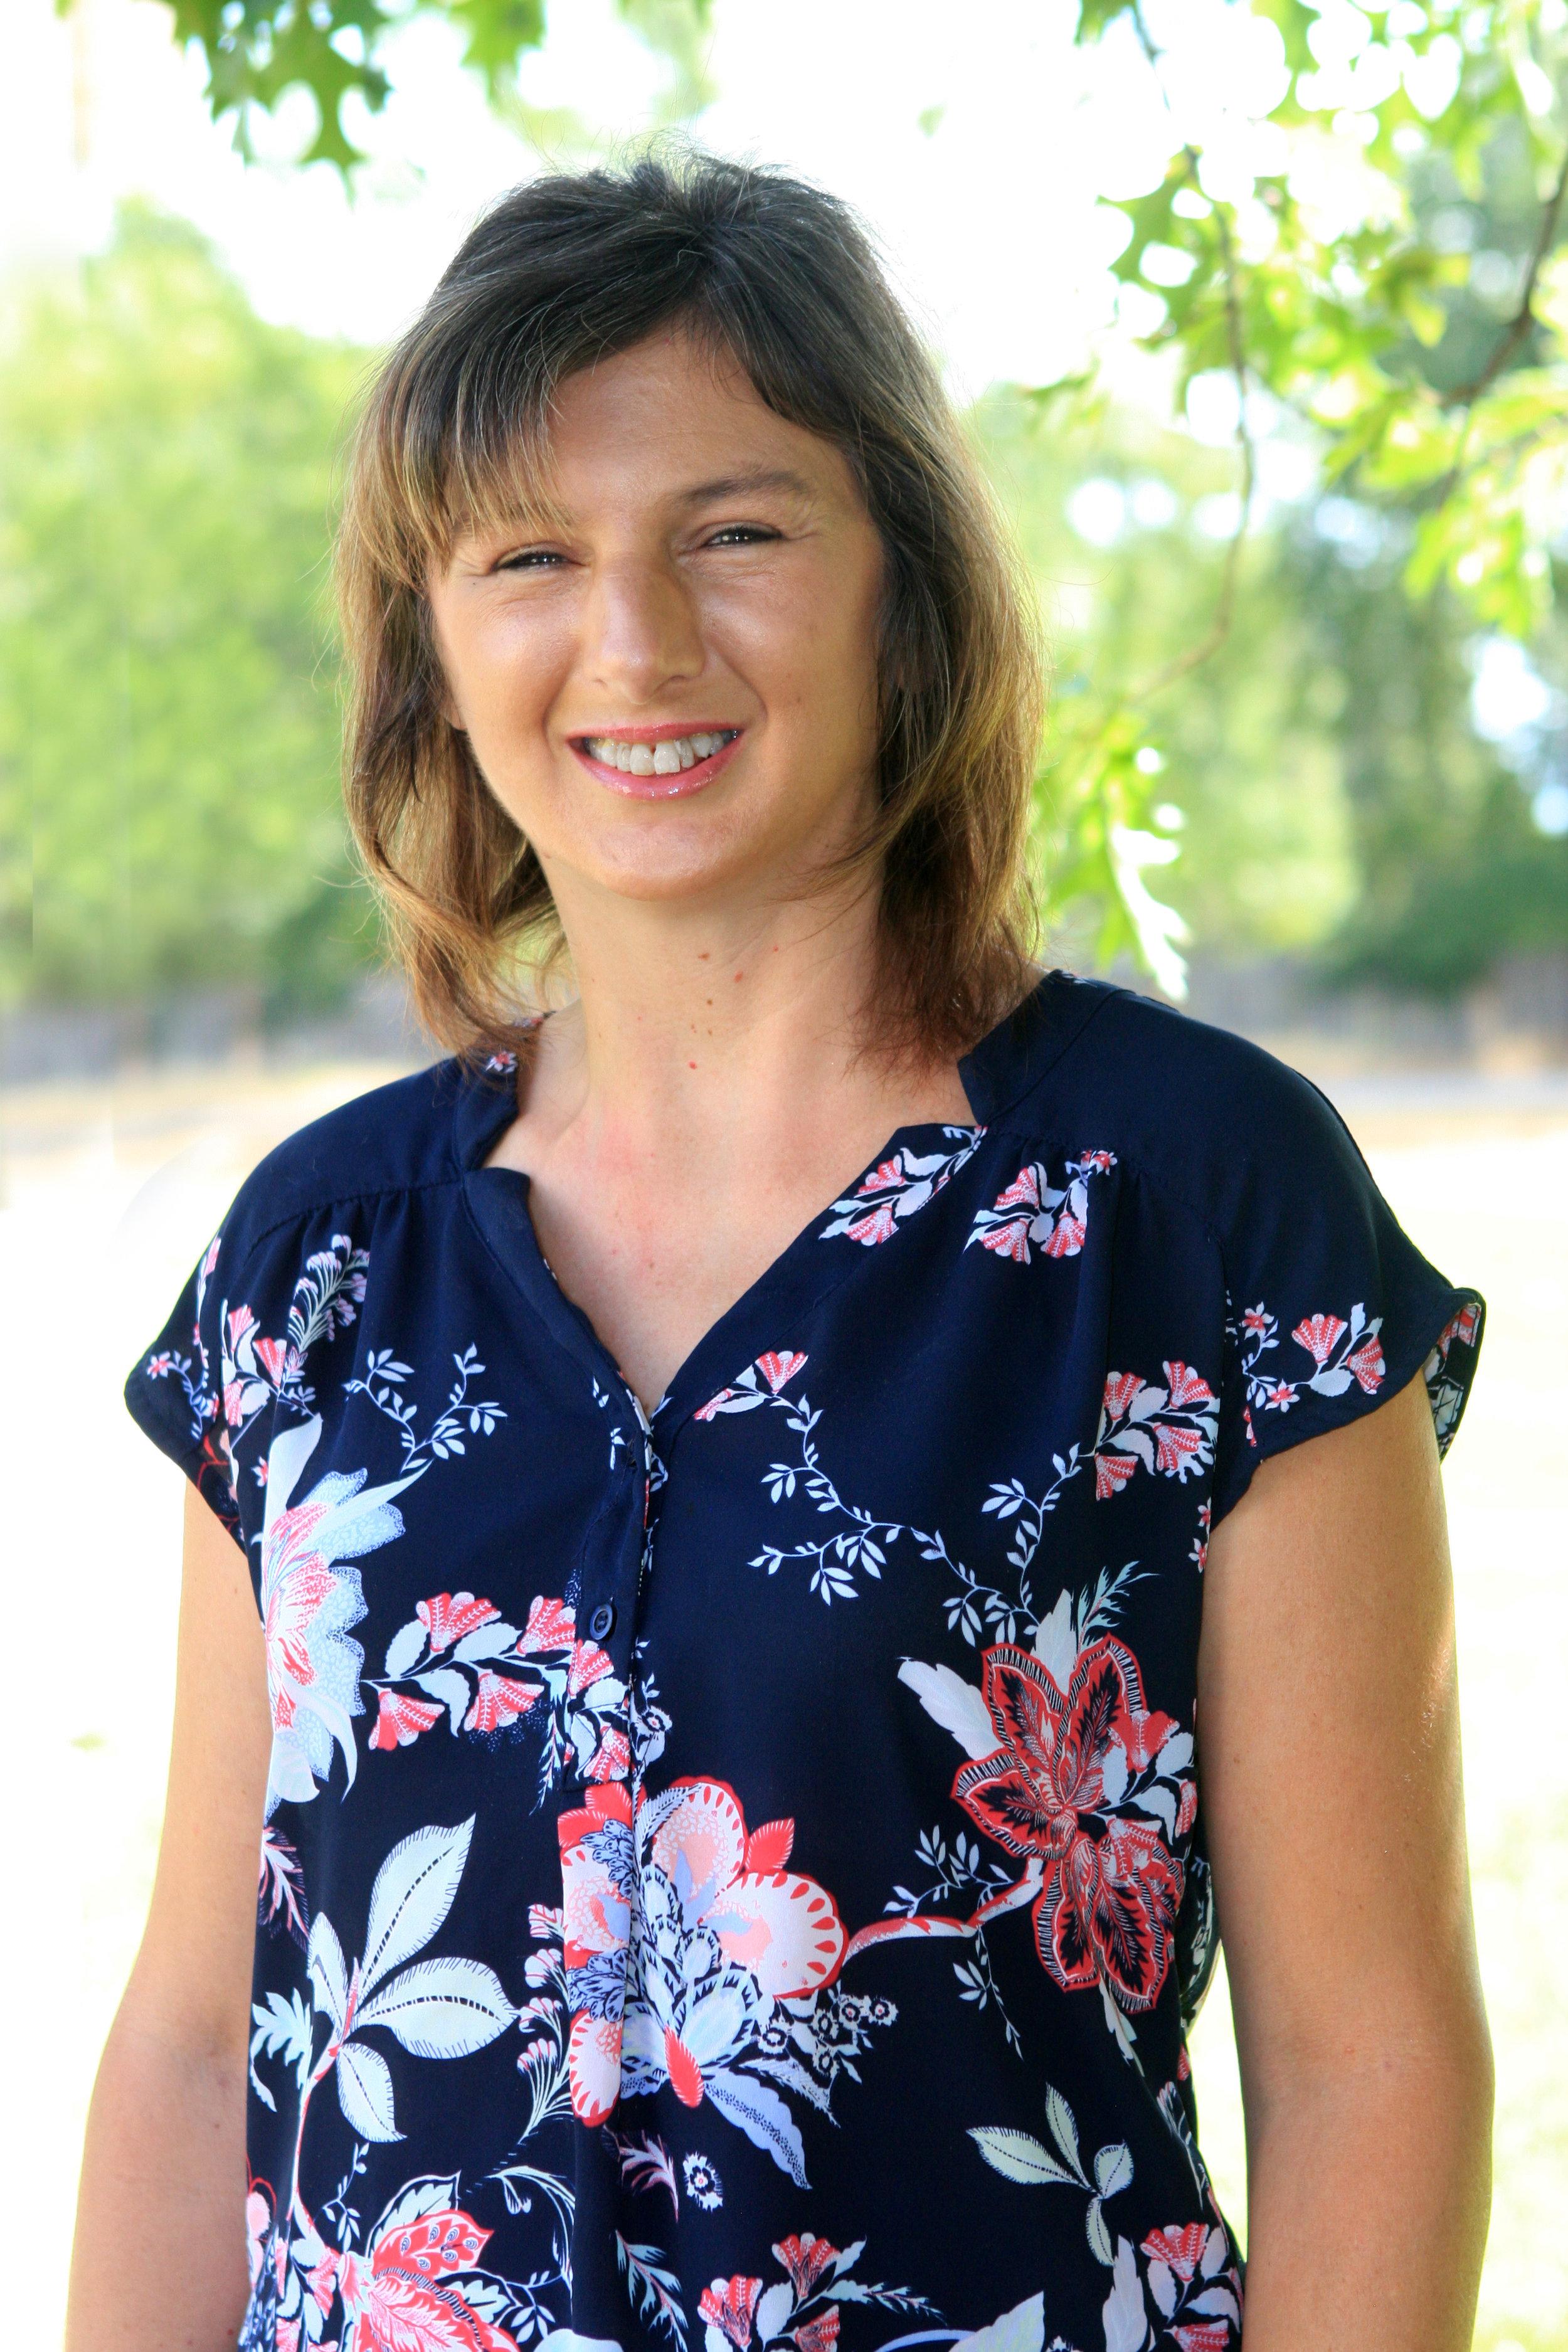 <p><strong>Dawn DeRossett</strong><br>Teacher<br><a href=mailto:dawnd@ndaemail.com>dawnd@ndaemail.com</a></p>